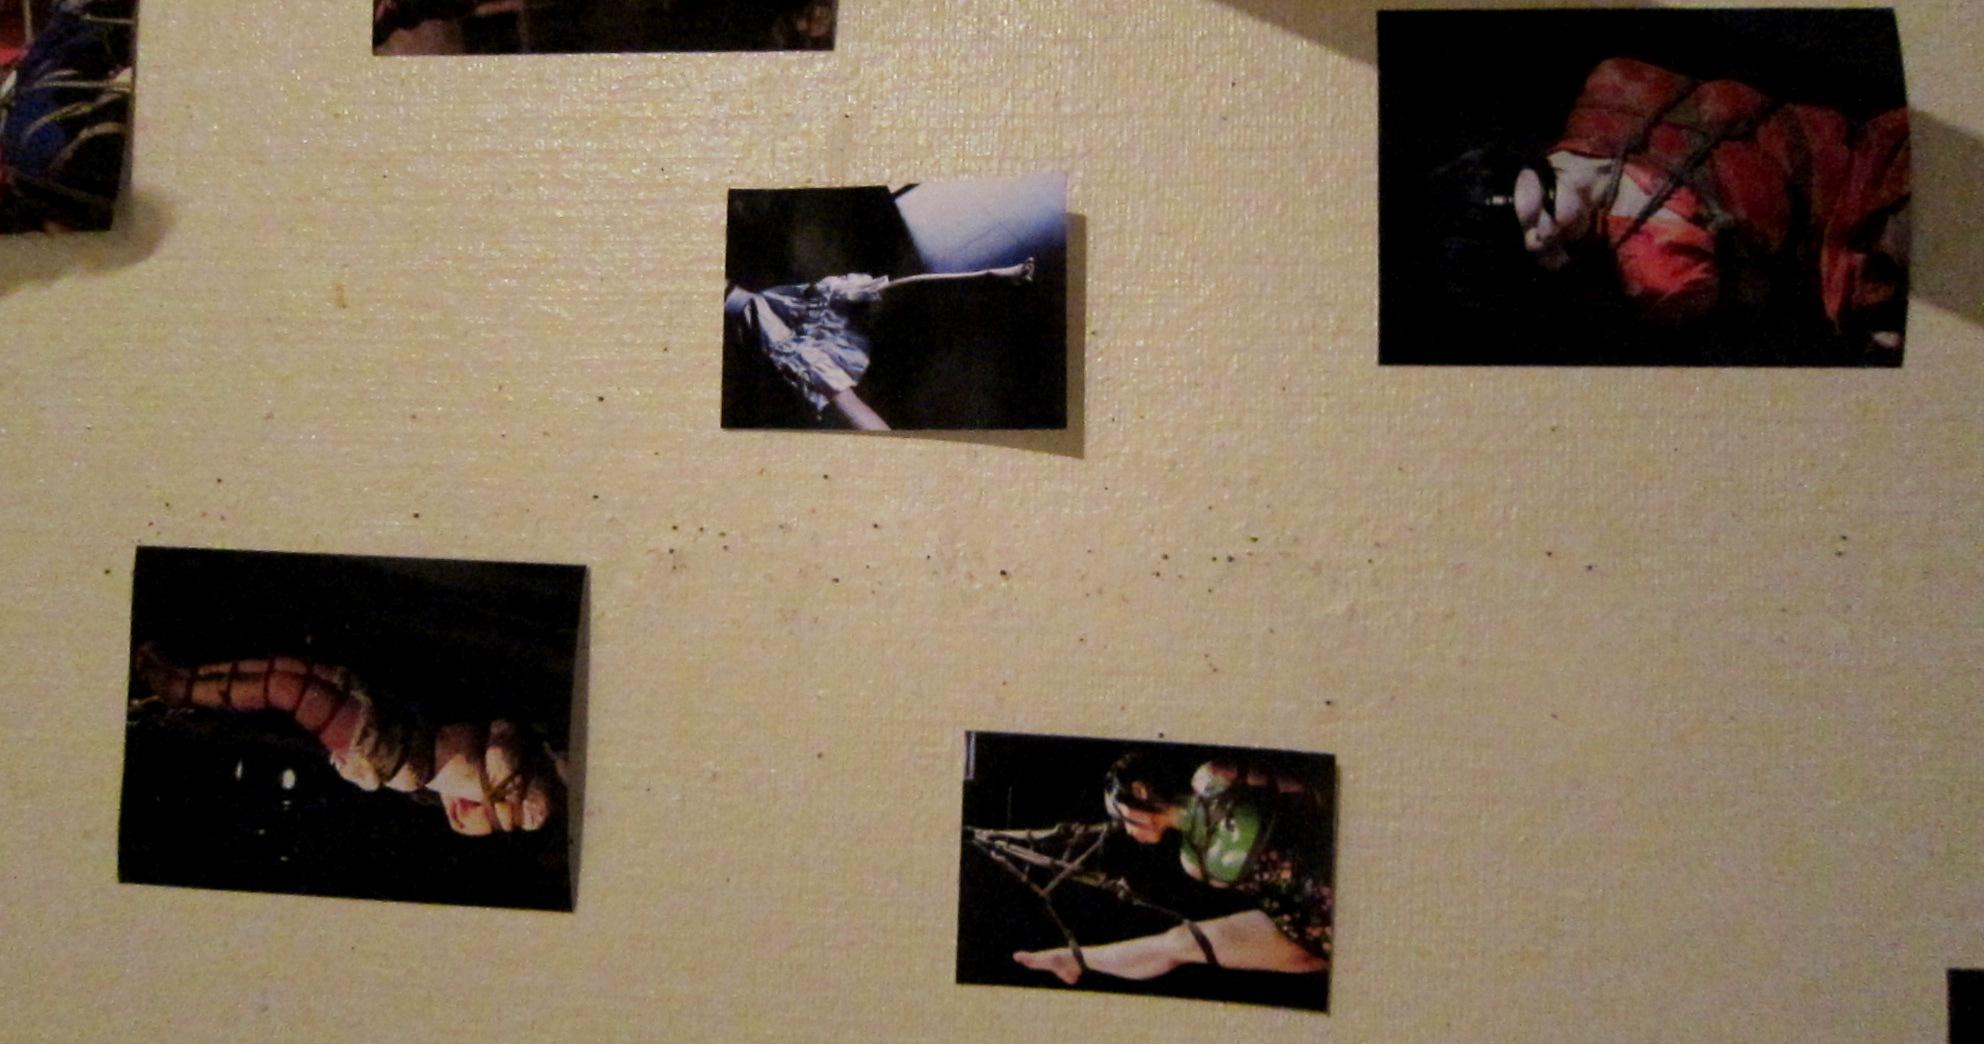 2211) 「札幌地下之会 展」 たぴお 9月16日(月)~9月21日(土)_f0126829_21384296.jpg